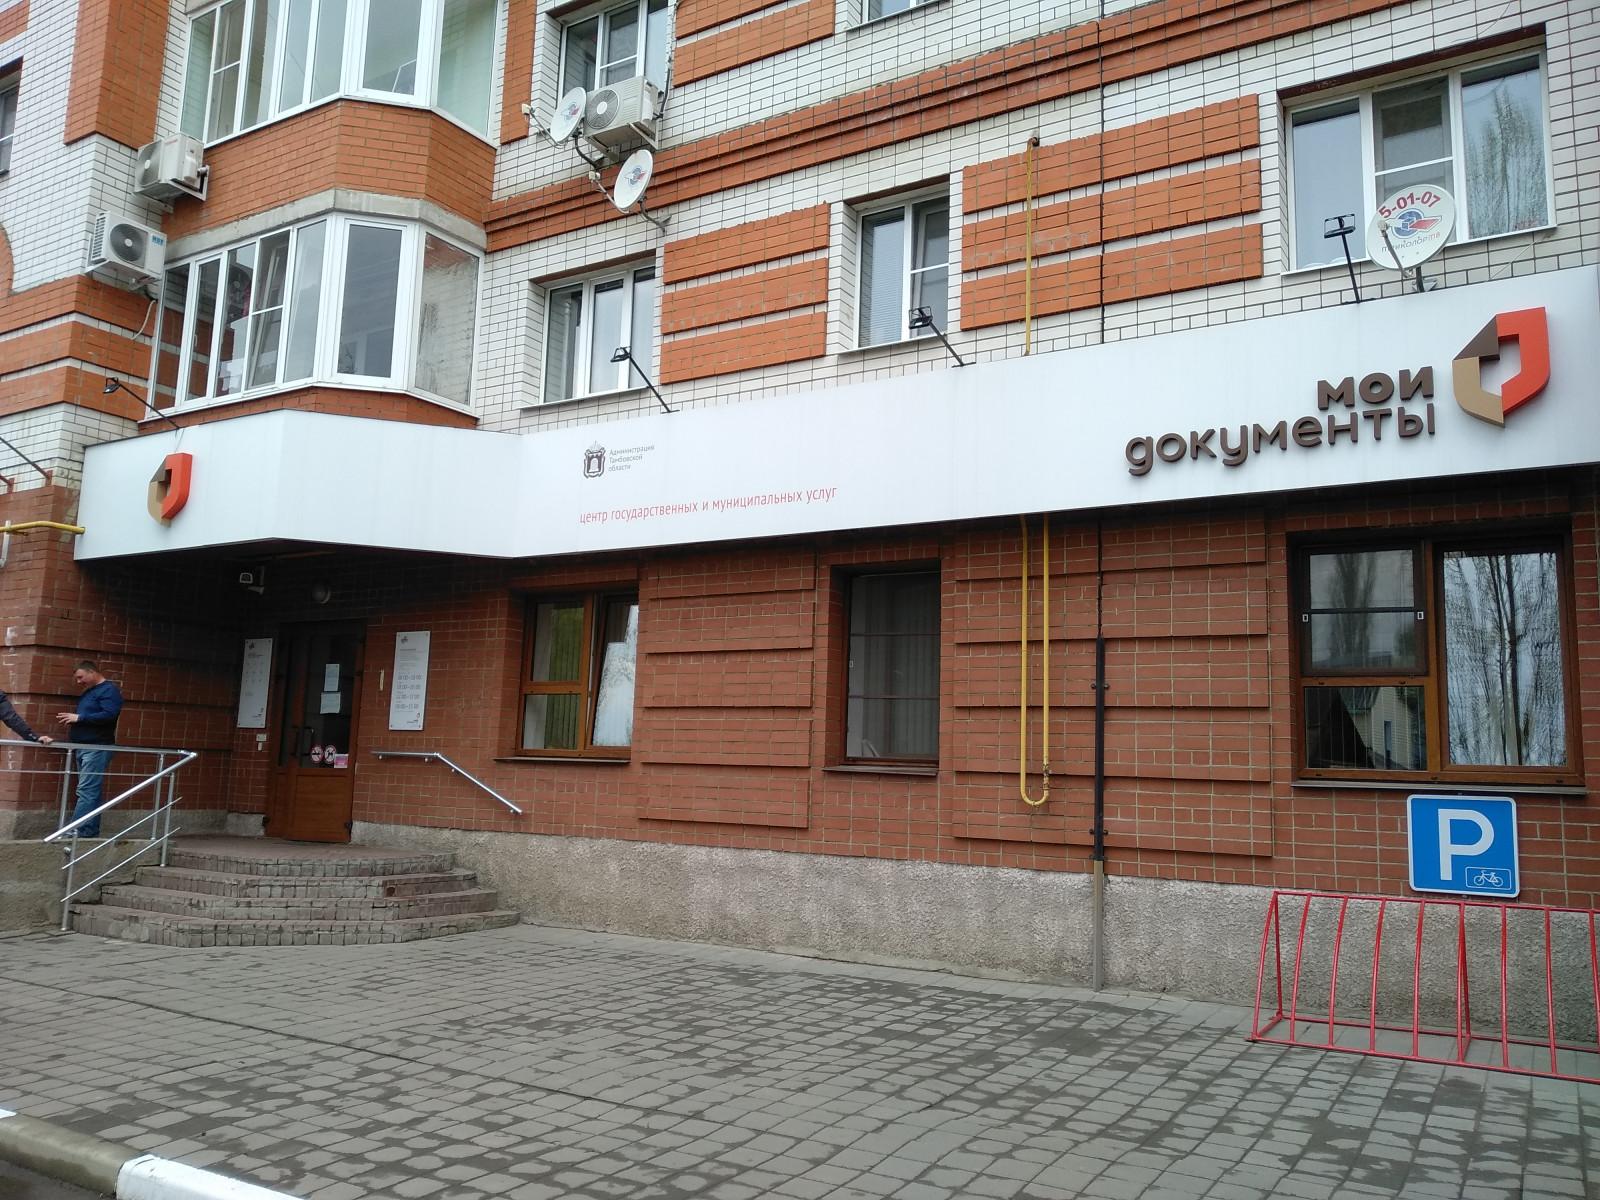 Загранпаспорт для жителей московской области